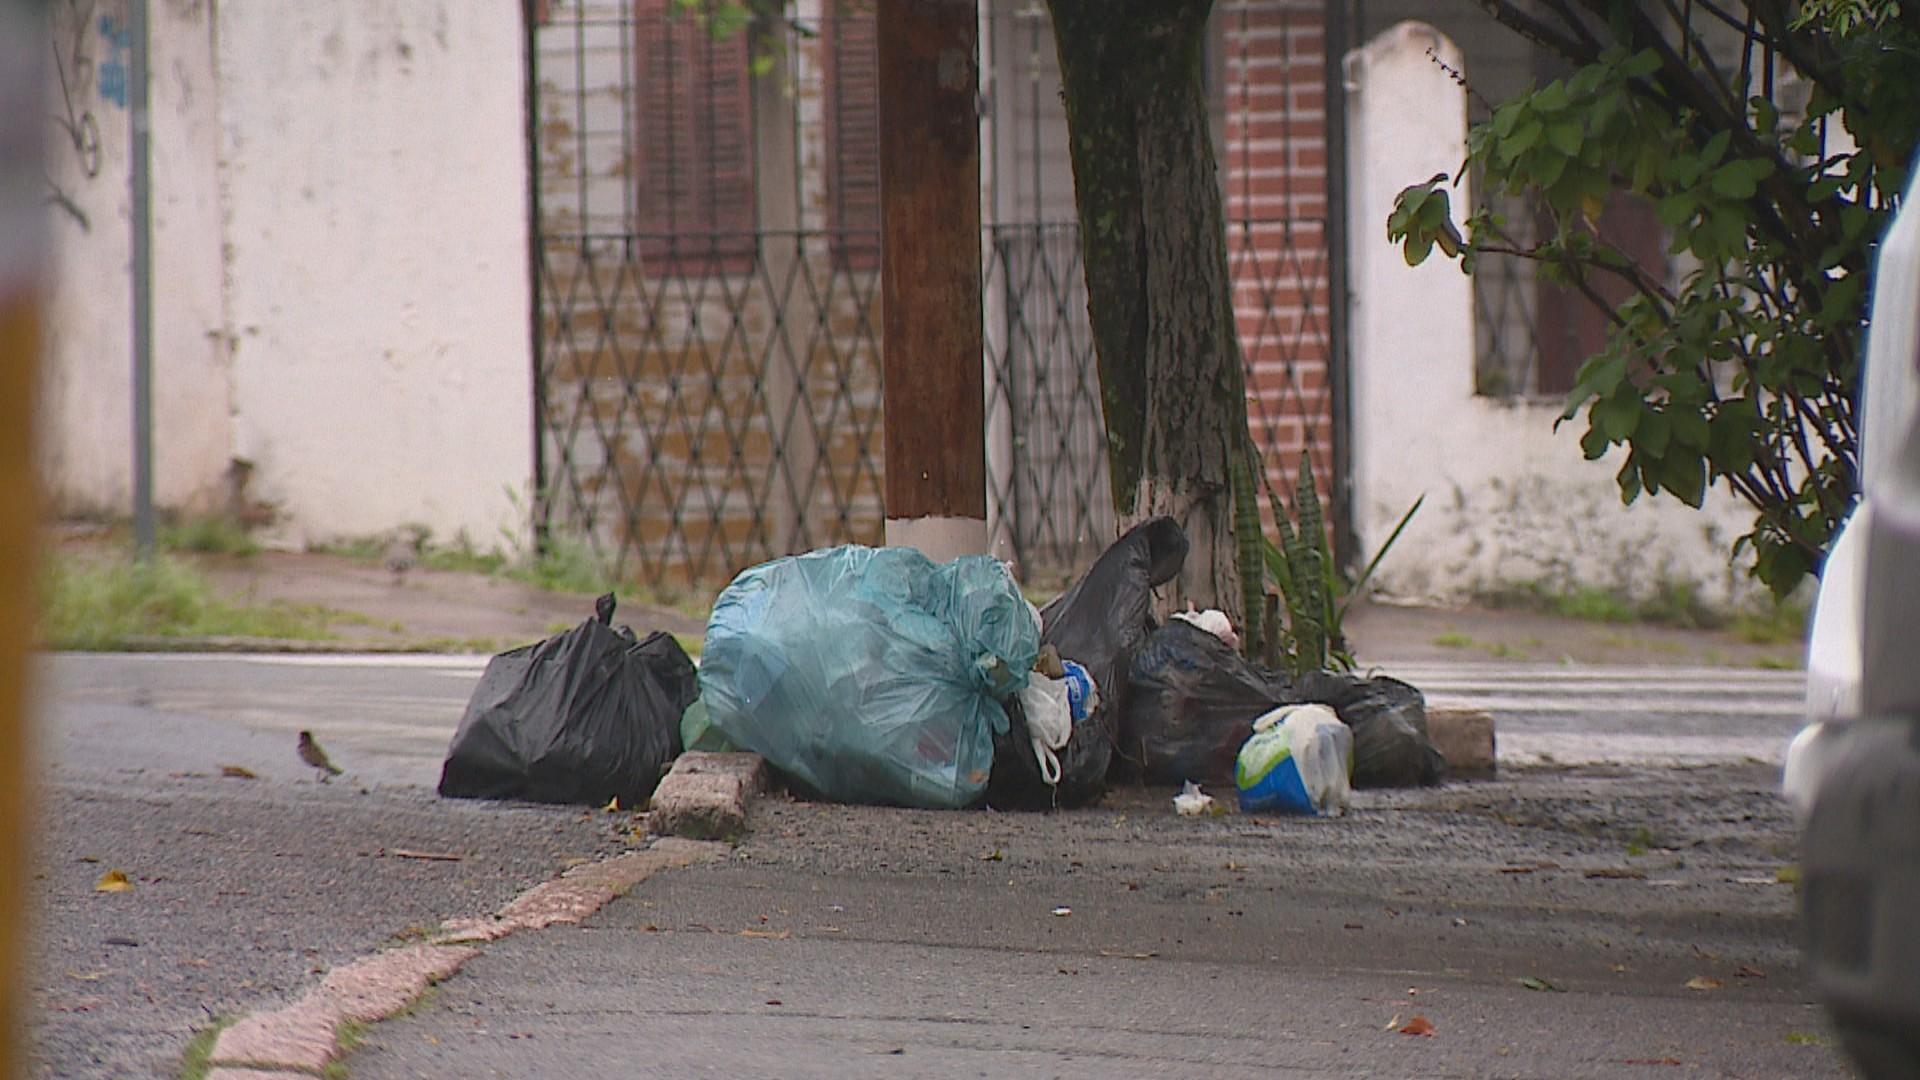 Prefeitura de Porto Alegre anuncia pagamento para que terceirizada retome coleta de lixo na segunda